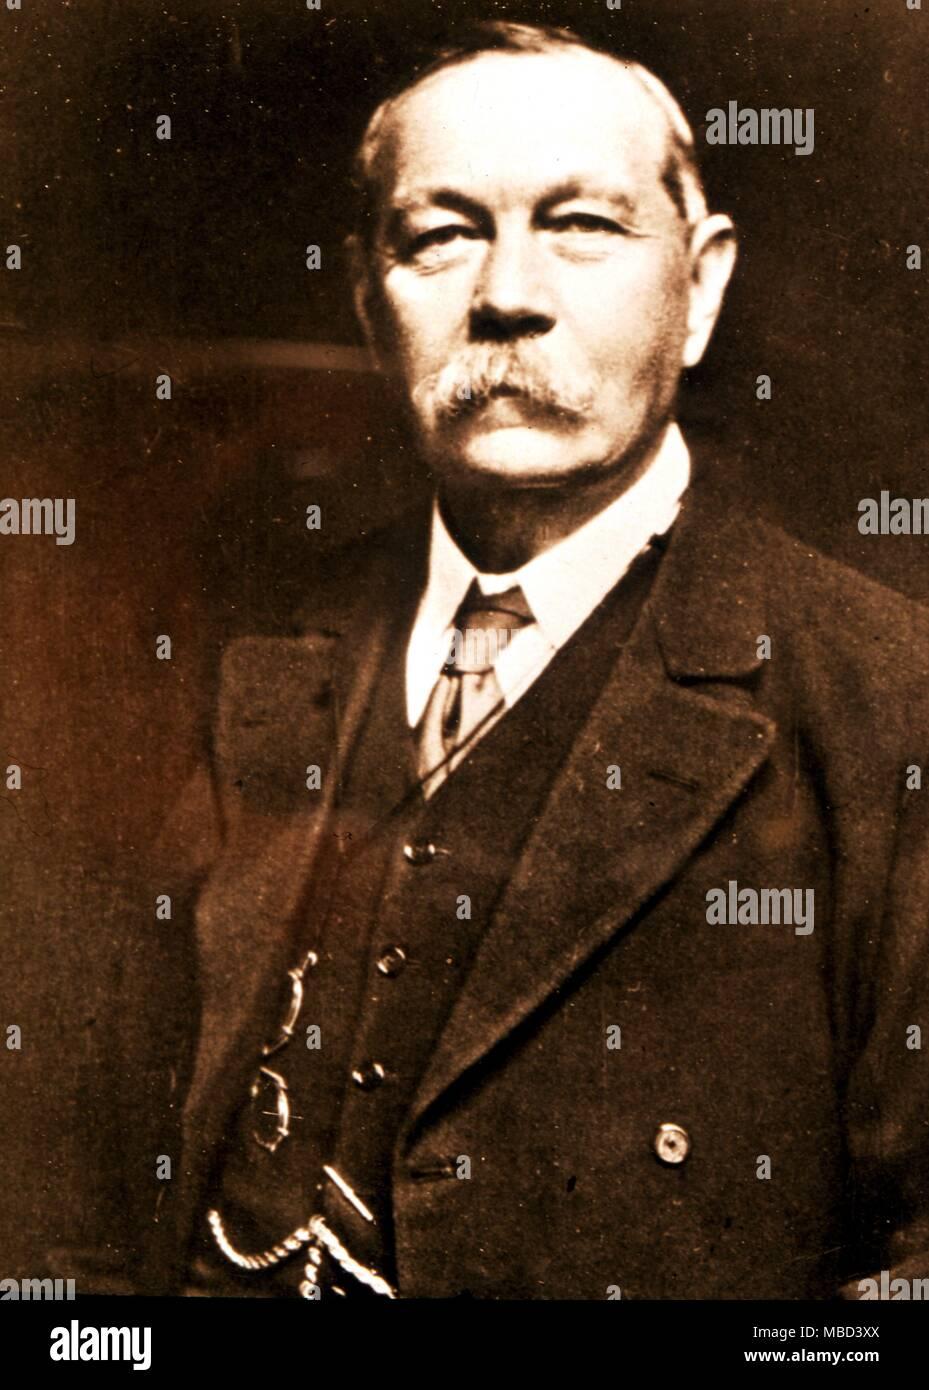 L'Occultiste - chercheur psychique, auteur et journaliste sir Arthur Conan Doyle (1859-1930) - Sir Arthur Ignatius Conan Doyle (22 mai 1859 - 7 juillet 1930) est le plus célèbre auteur britannique connu pour ses histoires sur le détective Sherlock Holmes, qui sont généralement considérés comme une innovation majeure dans le domaine de la fiction criminelle. Il fut un écrivain prolifique dont les autres travaux incluent des histoires de science-fiction, des romans historiques, pièces de théâtre et des romances, poèmes, et non-fiction. Il est parfois appelé Conan Doyle. Conan était à l'origine d'un second prénom mais il l'a utilisé dans le cadre de son nom dans son oui Photo Stock